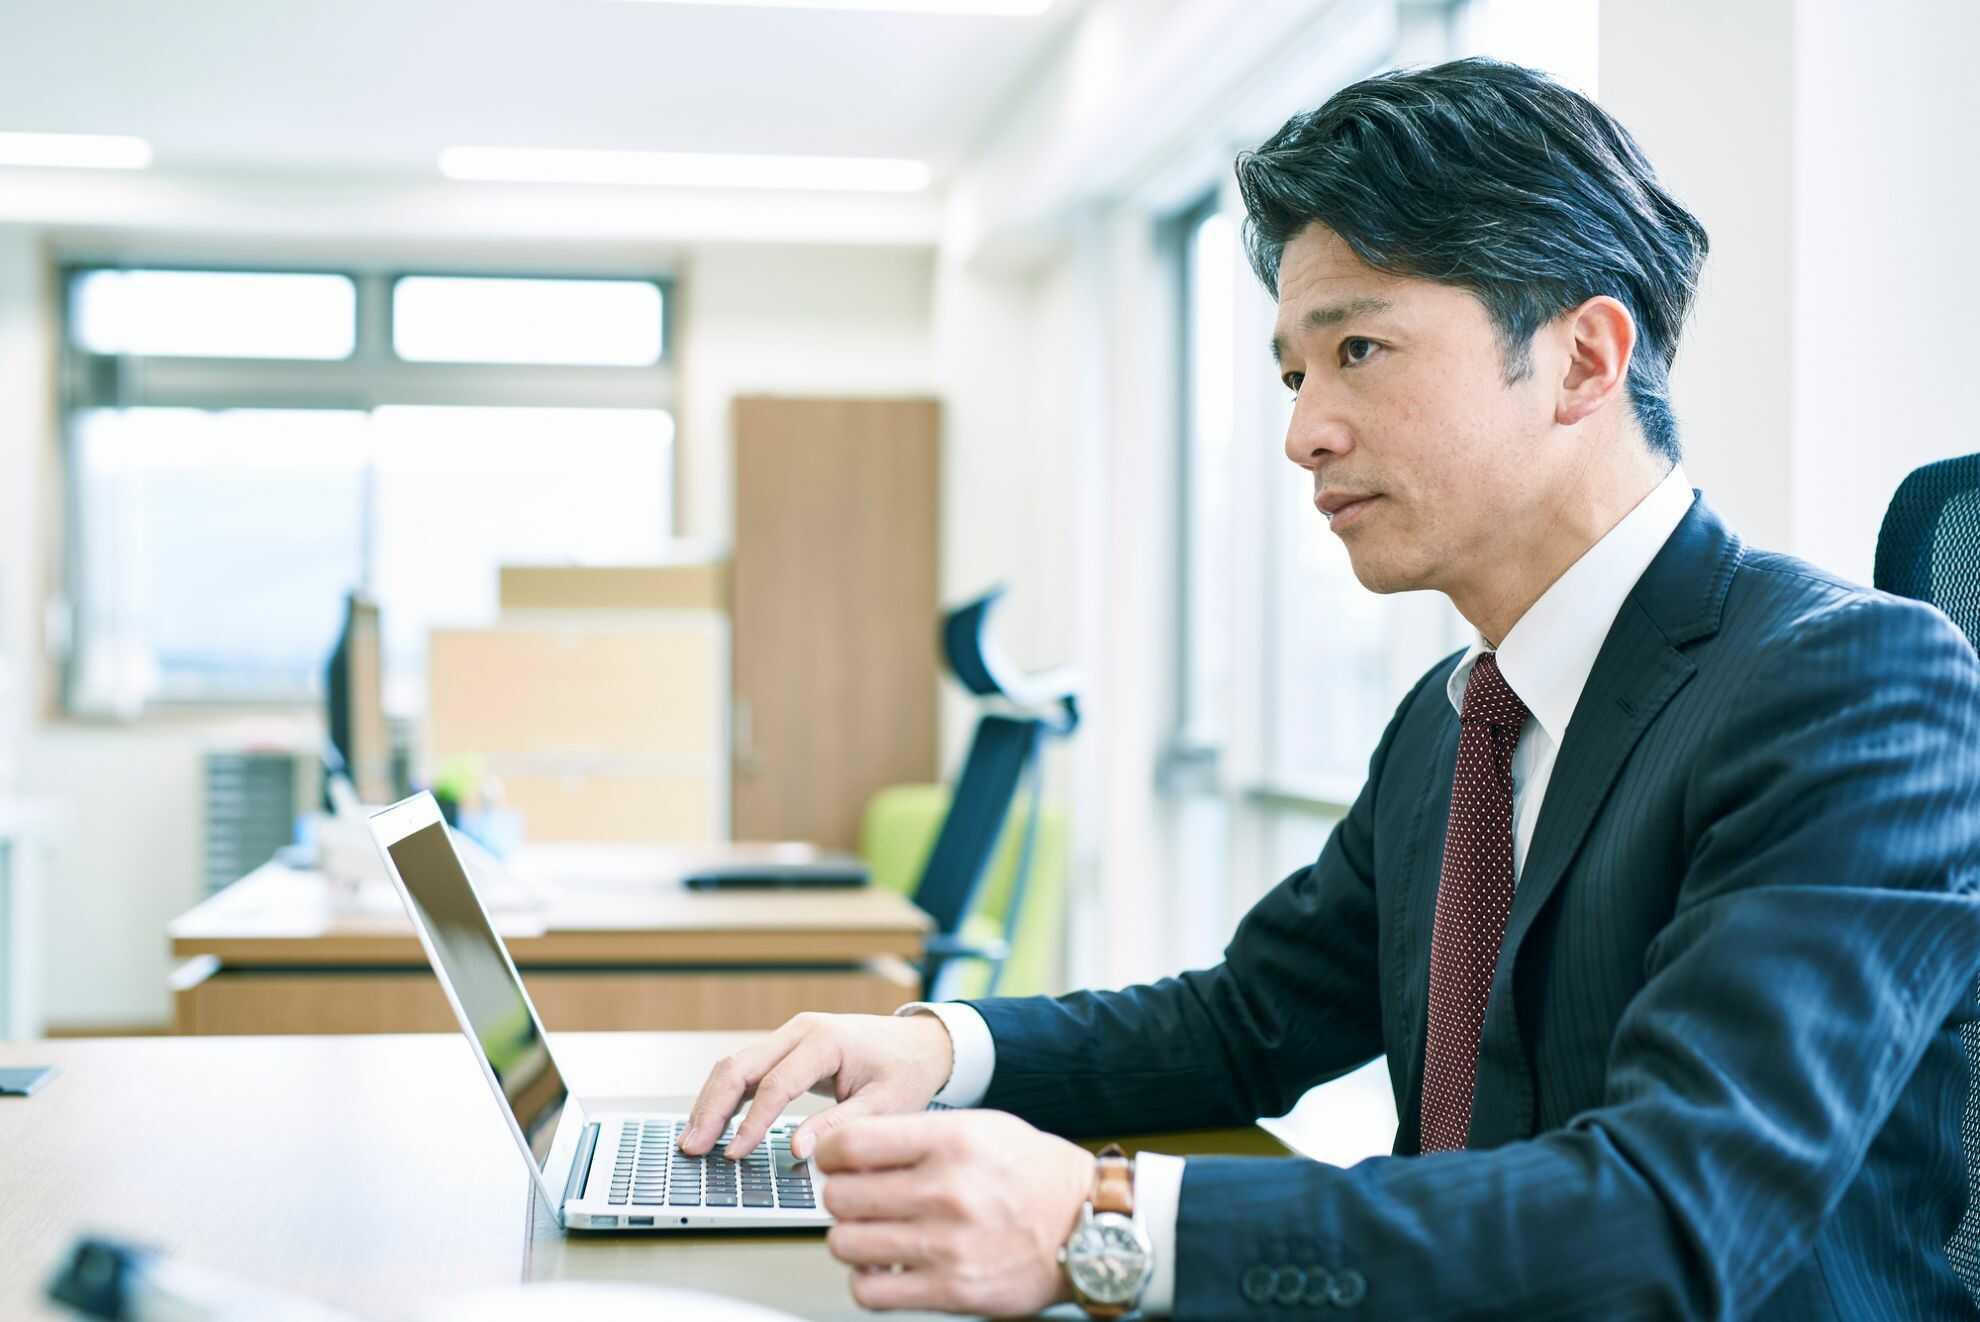 ノートパソコンを開いて前を見ている男性